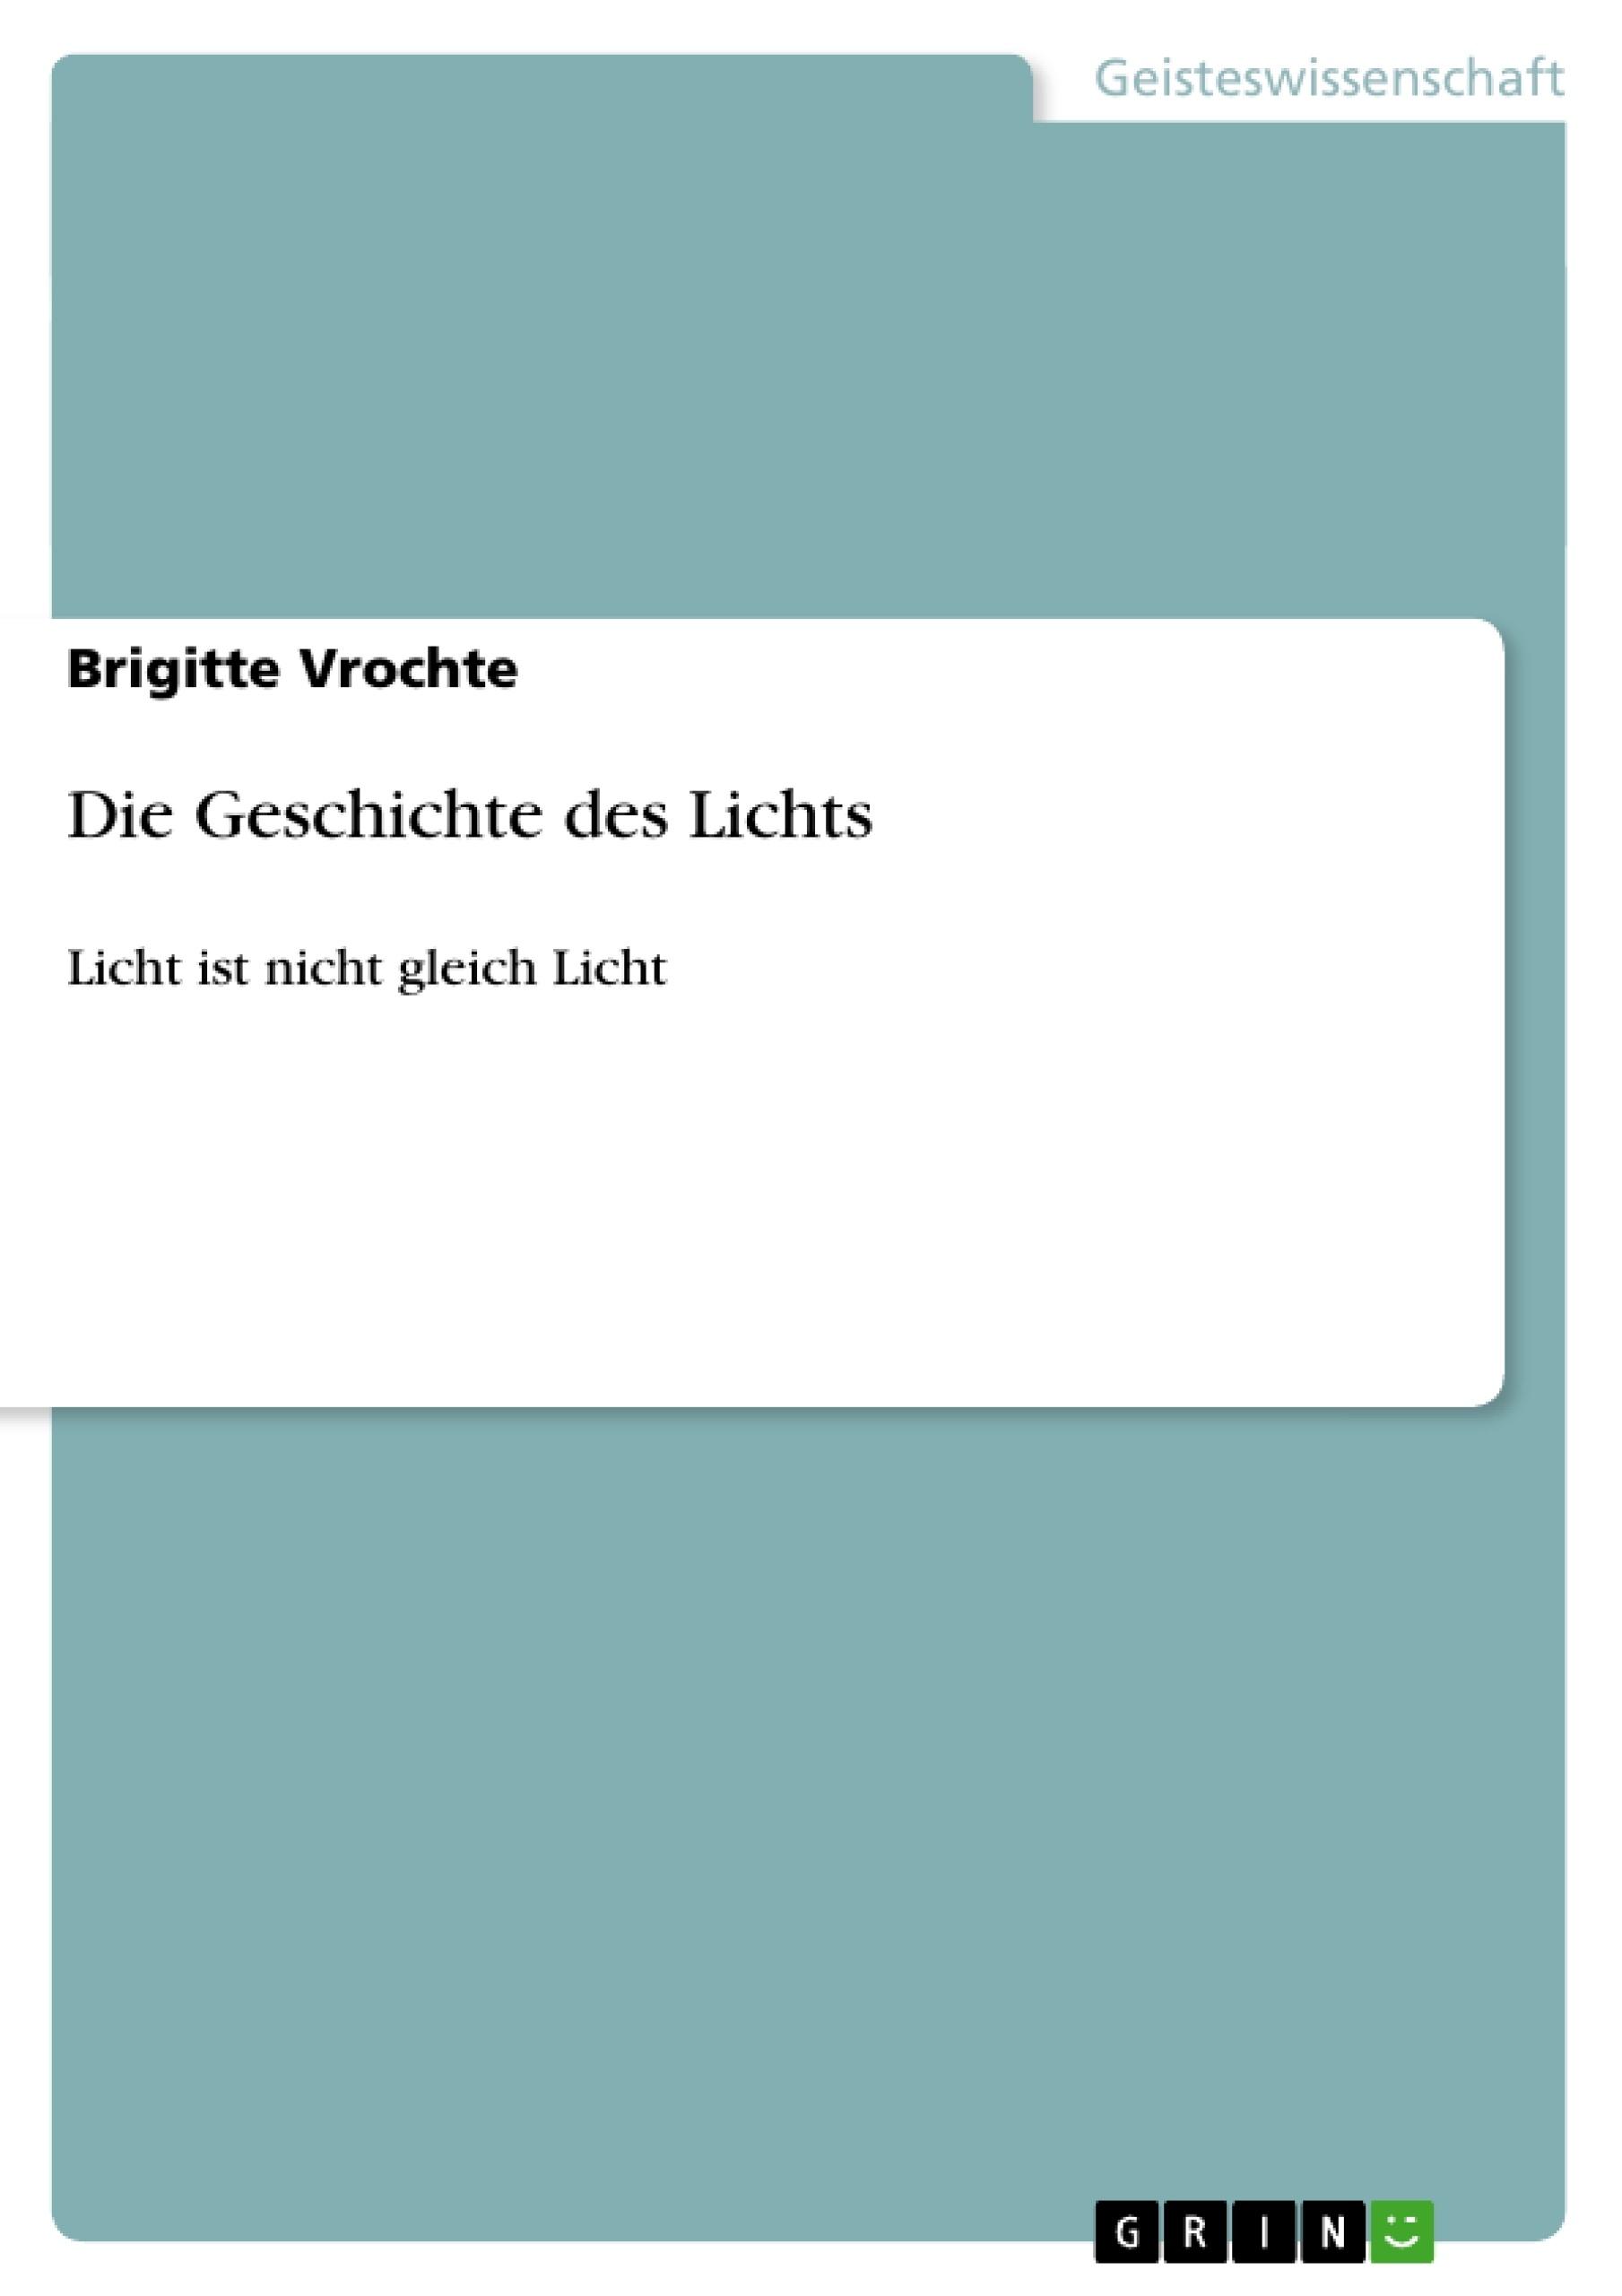 Die Geschichte des Lichts | Masterarbeit, Hausarbeit, Bachelorarbeit ...